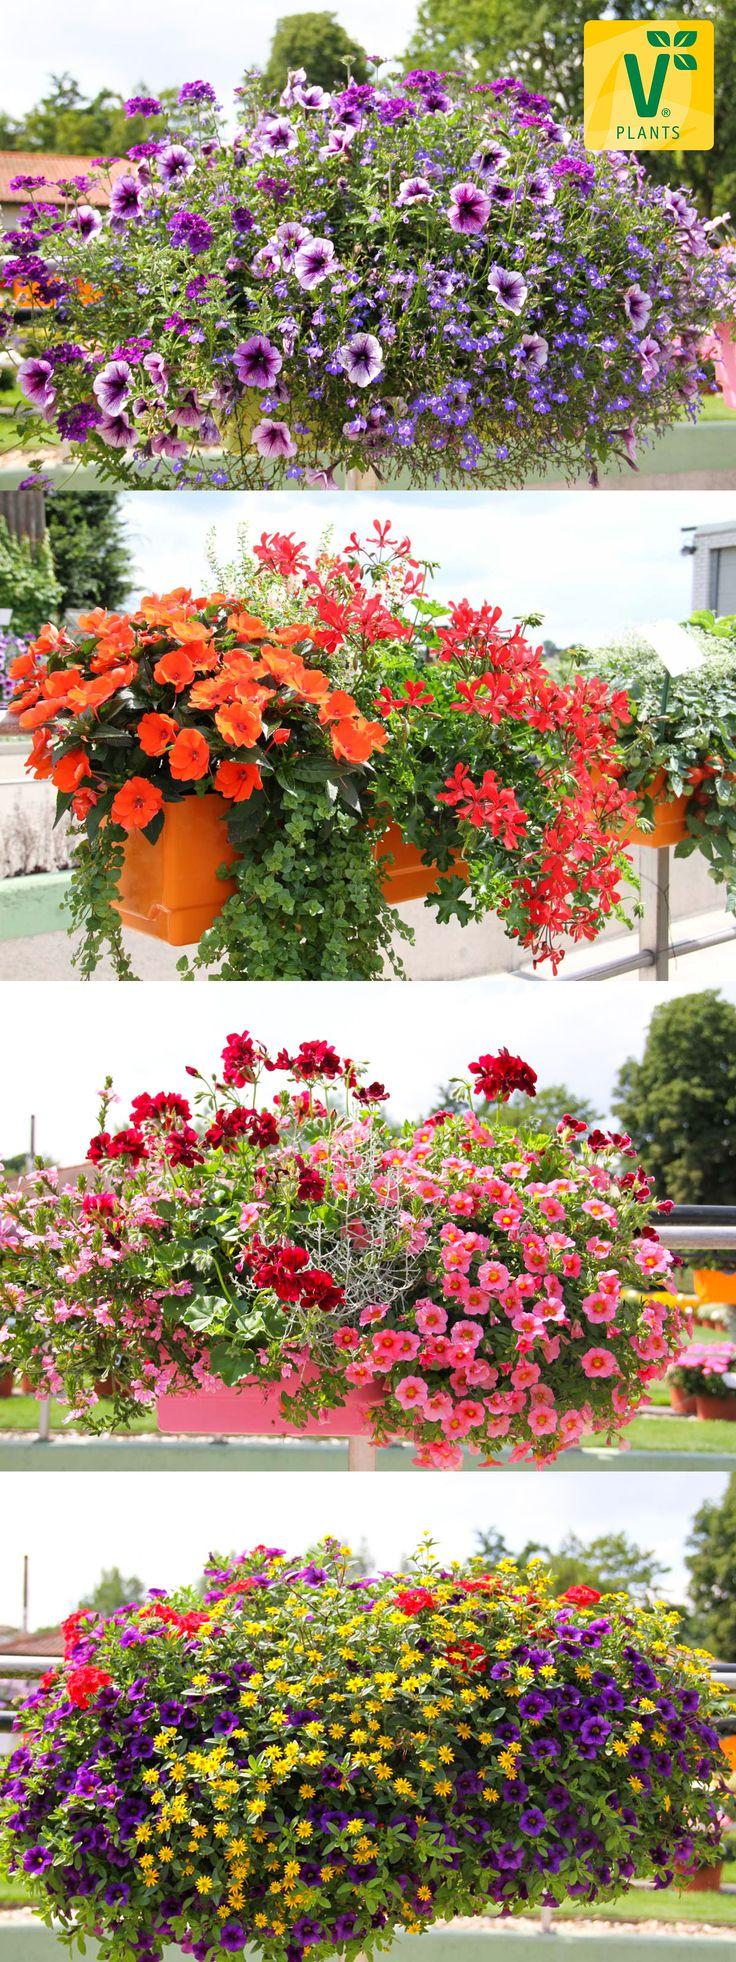 Brilliant Balkonkästen Bepflanzen Beispiele Foto Von Viele Bunt Bepflanzte Balkon- Und Blumenkästen Findest